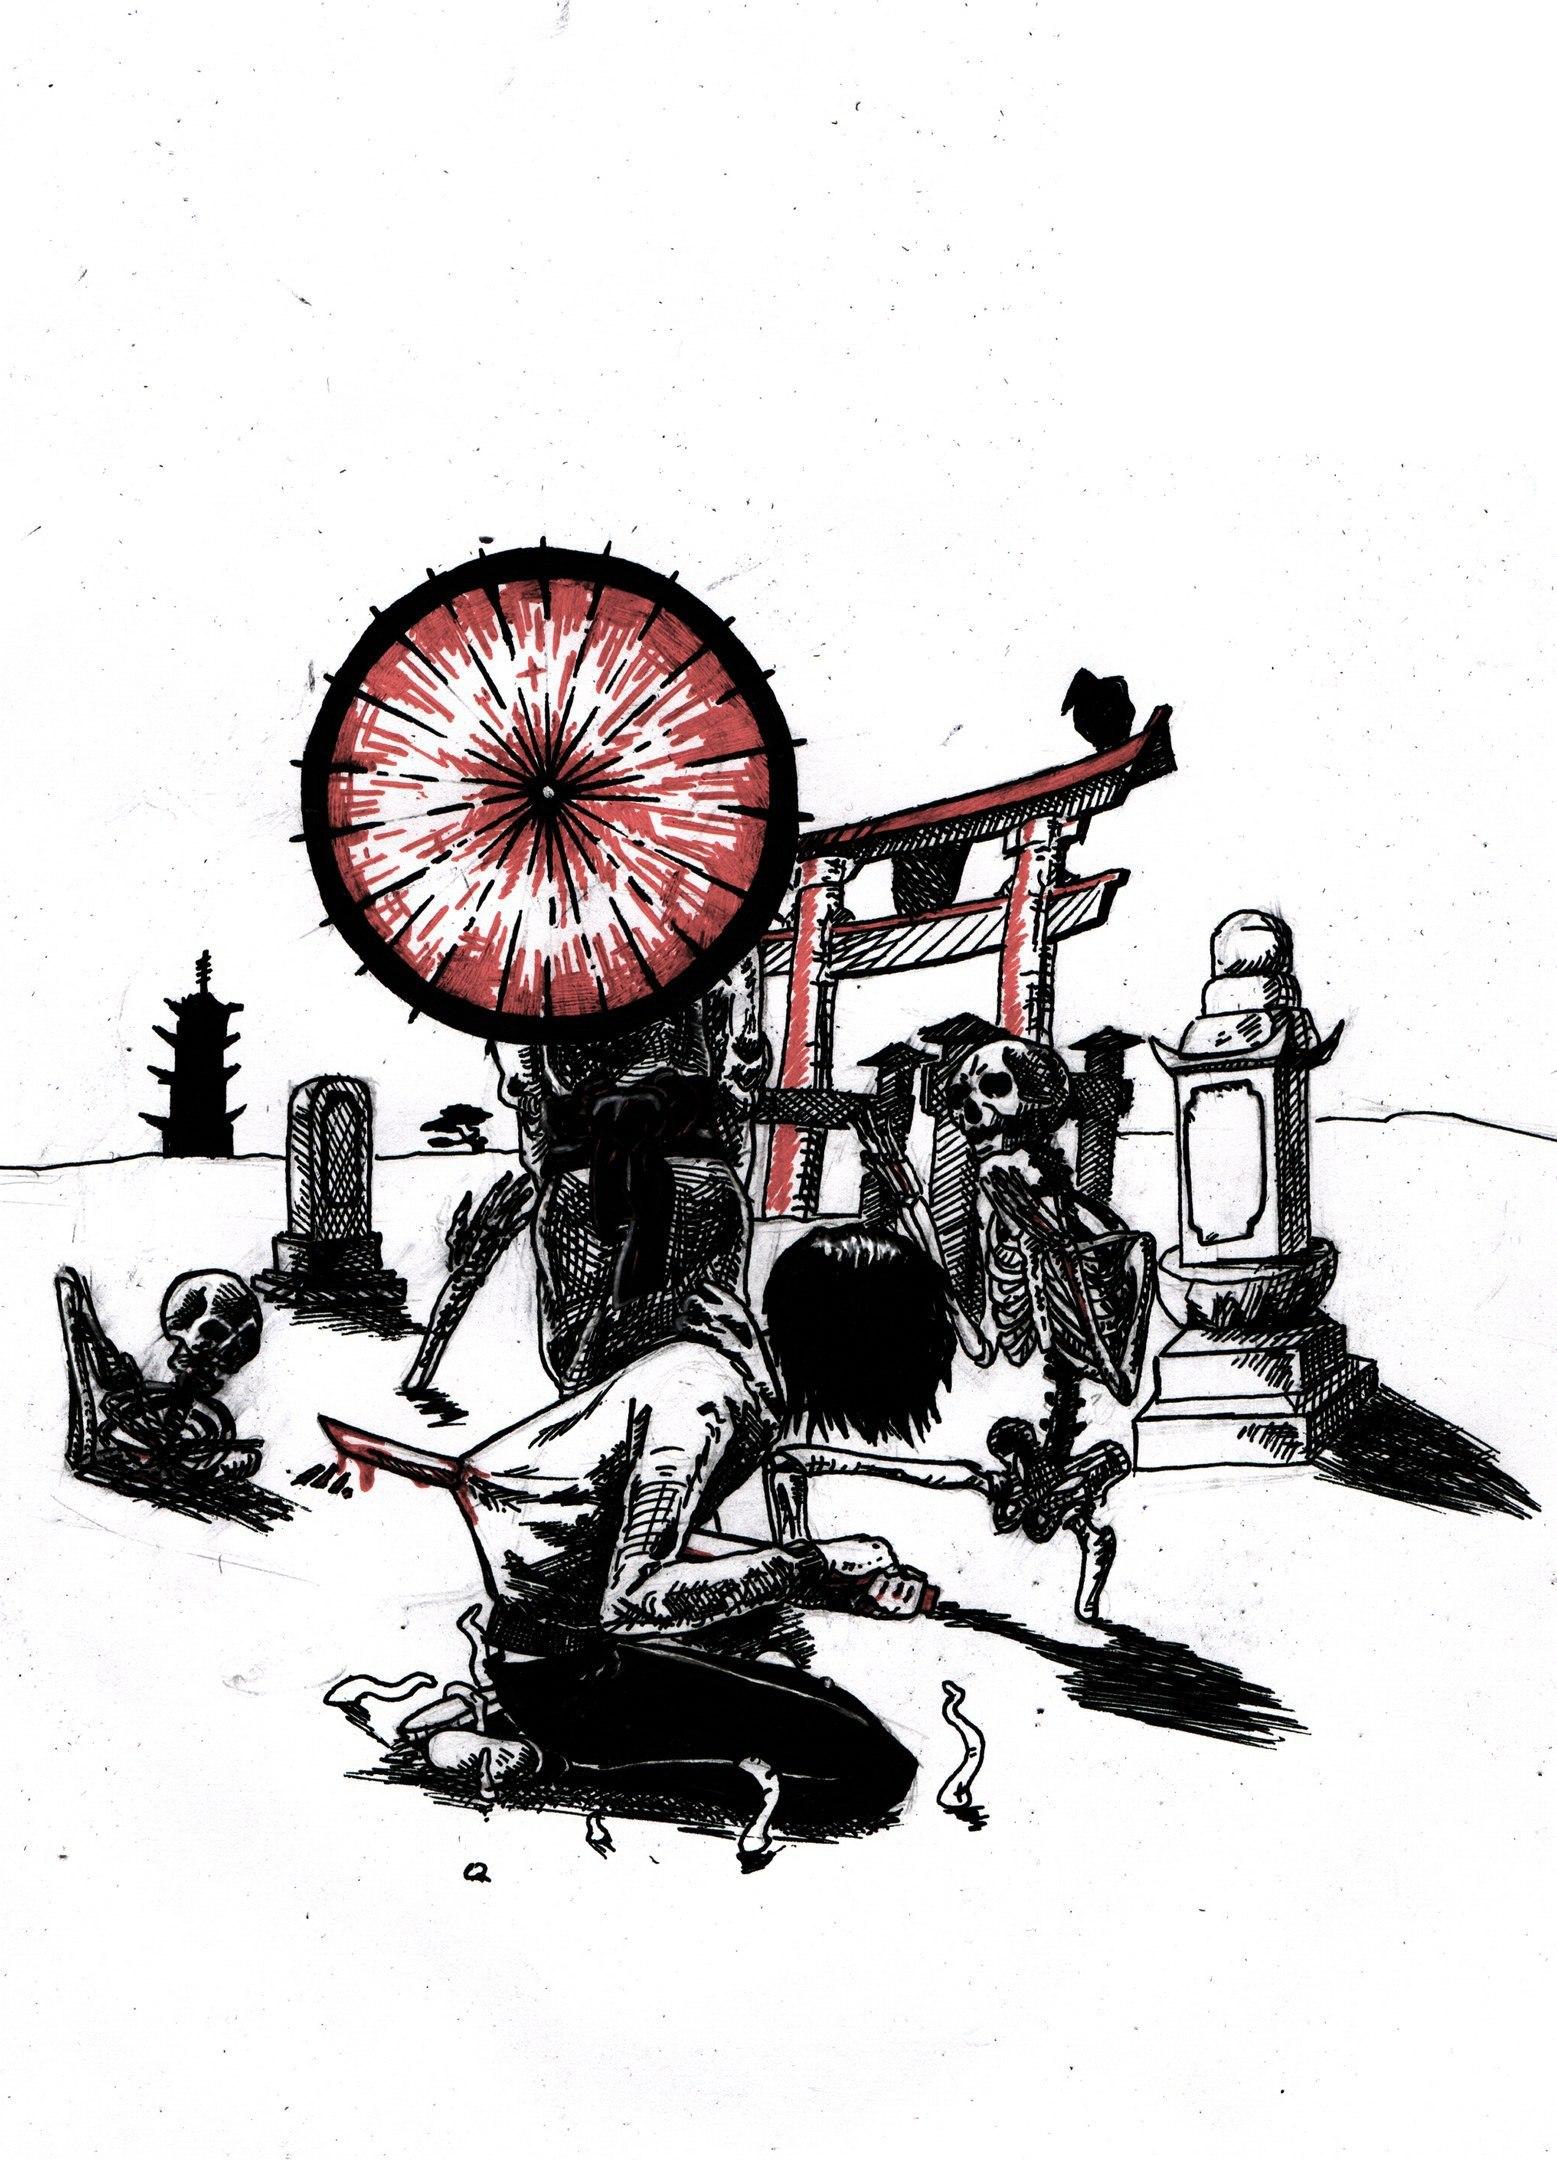 pyrokinesis & aikko – пусть меня похоронит мечта